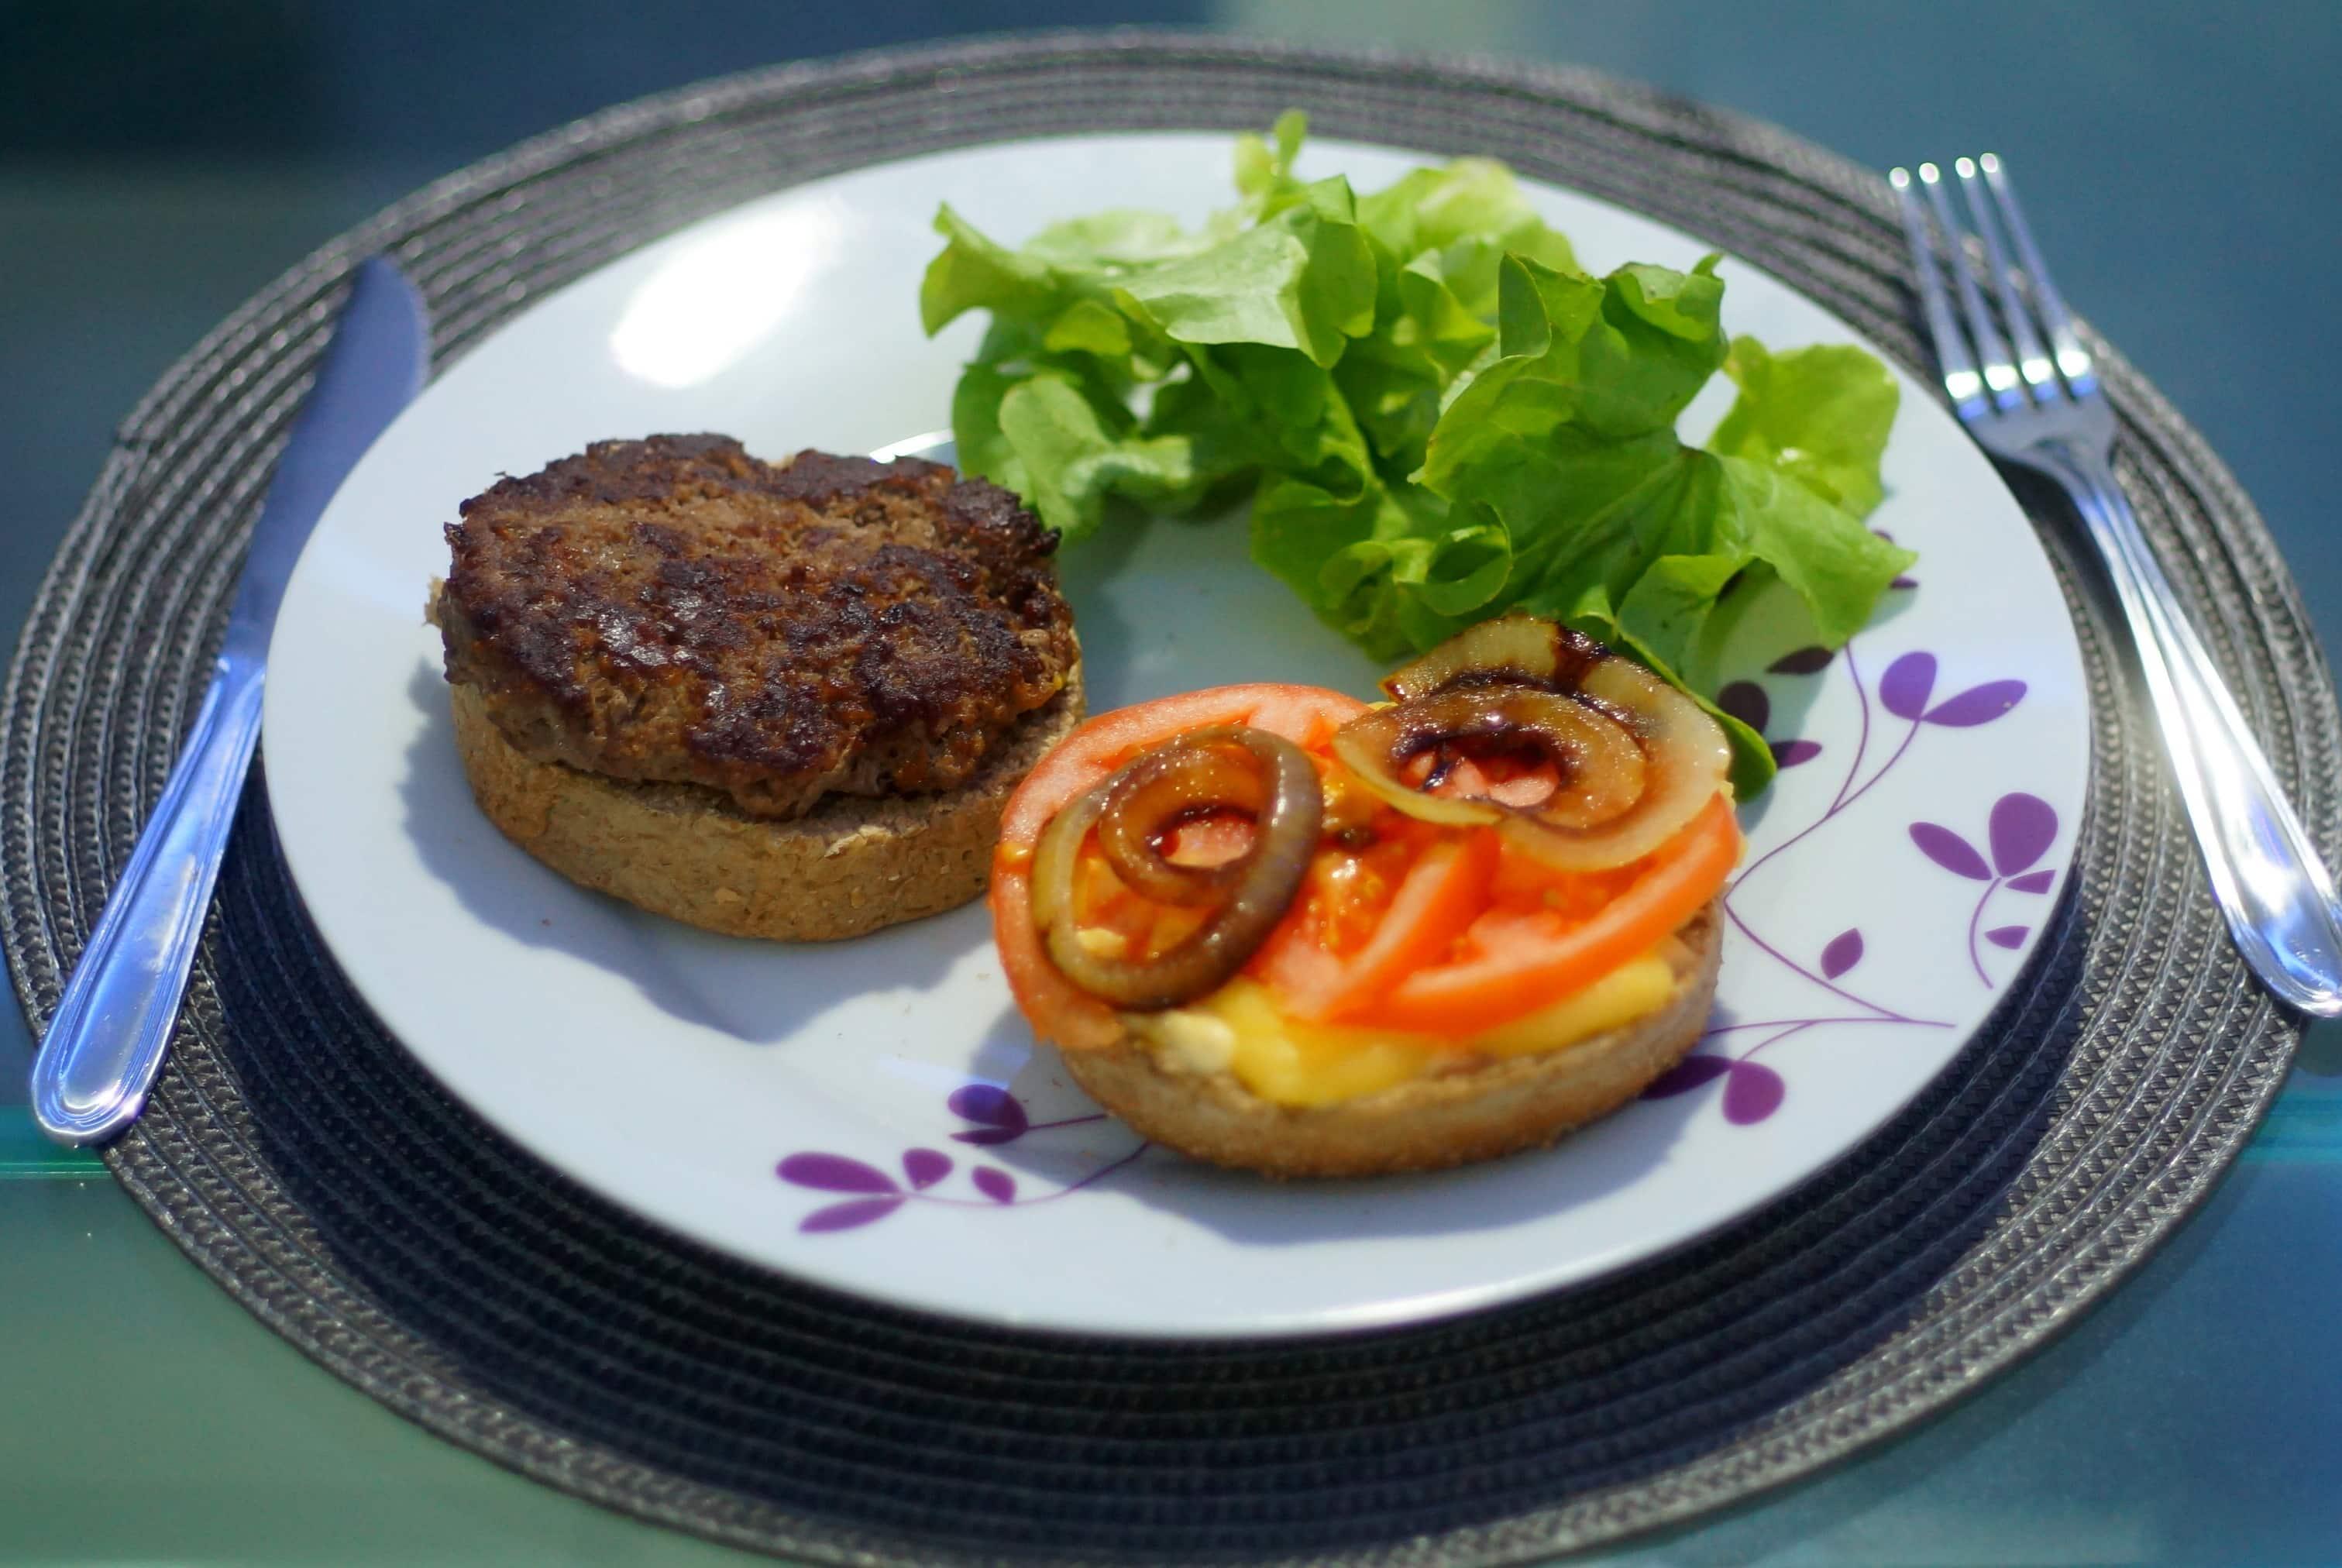 receita de hambúrguer de carne moída caseiro